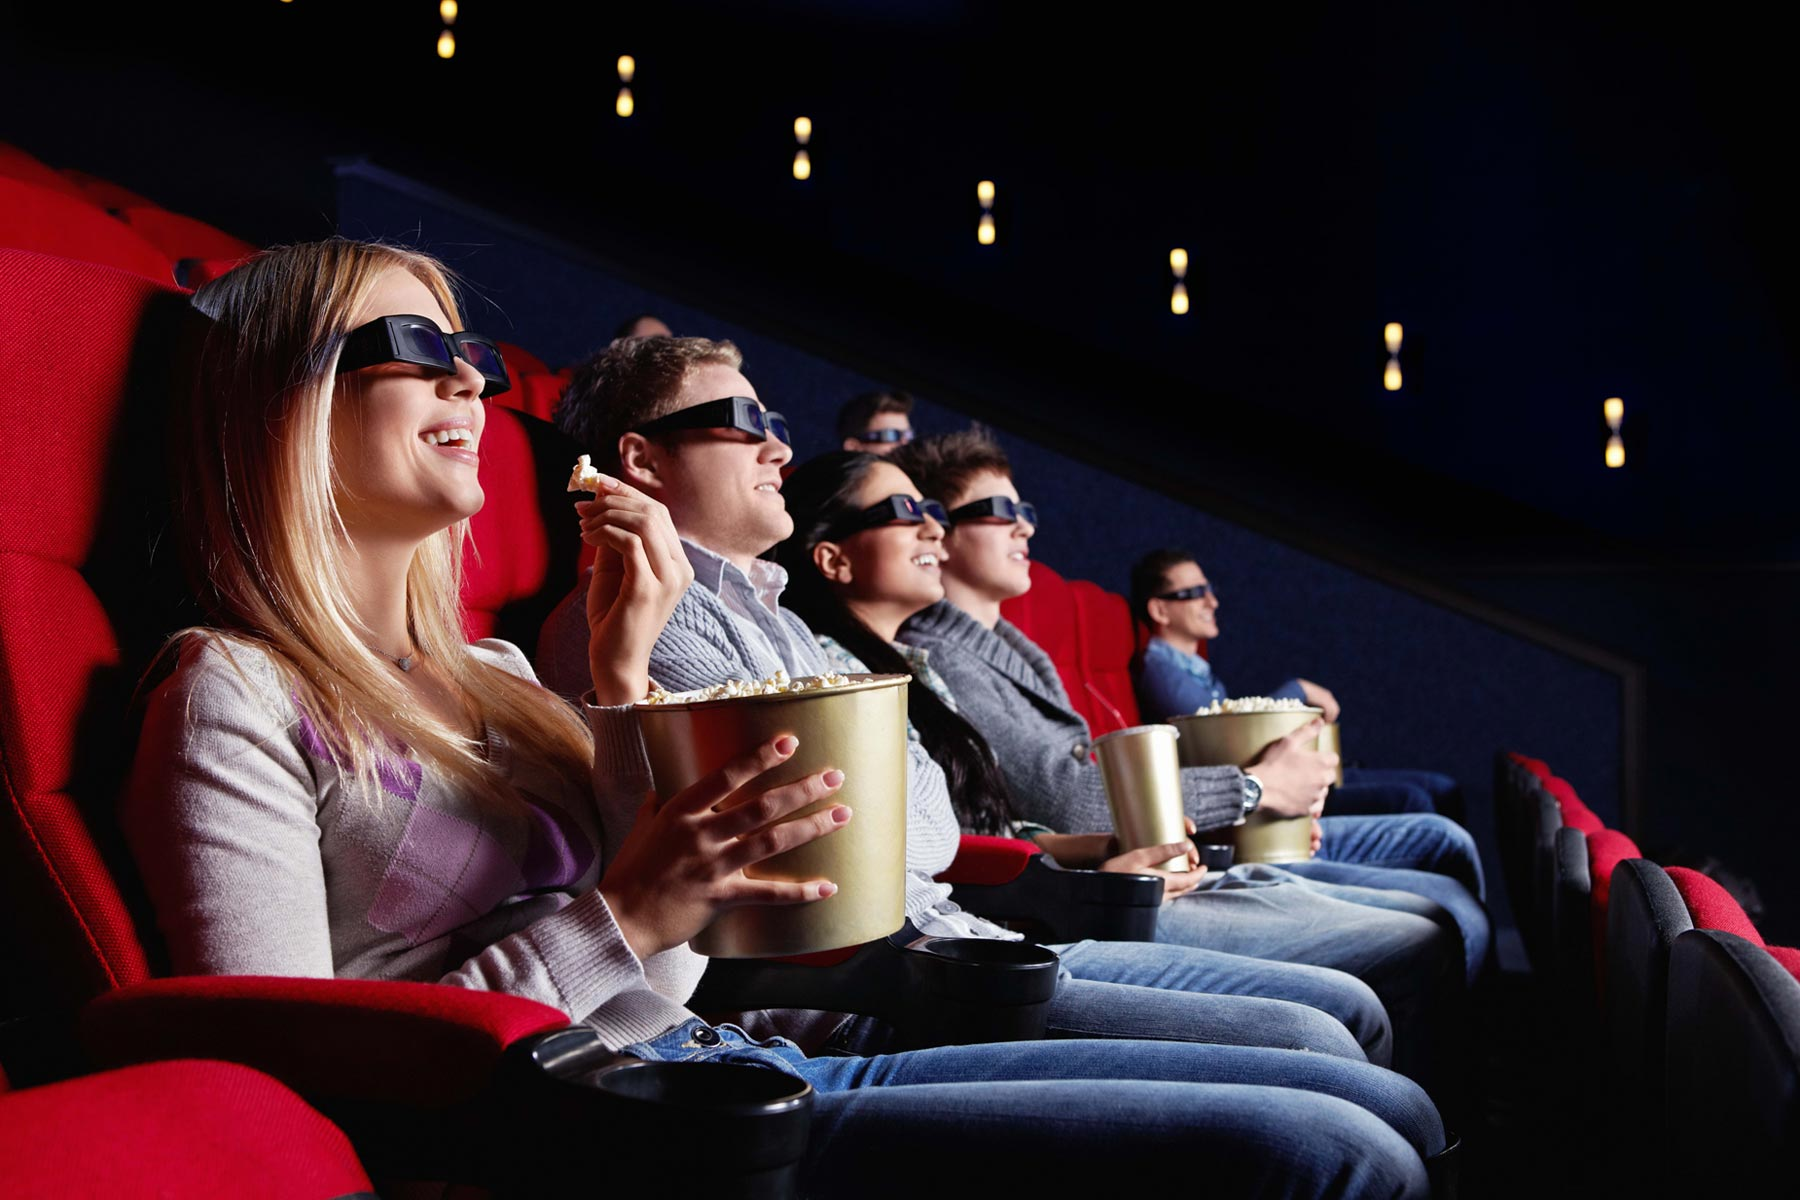 Российское кино перетягивает татарстанского зрителя у Голливуда